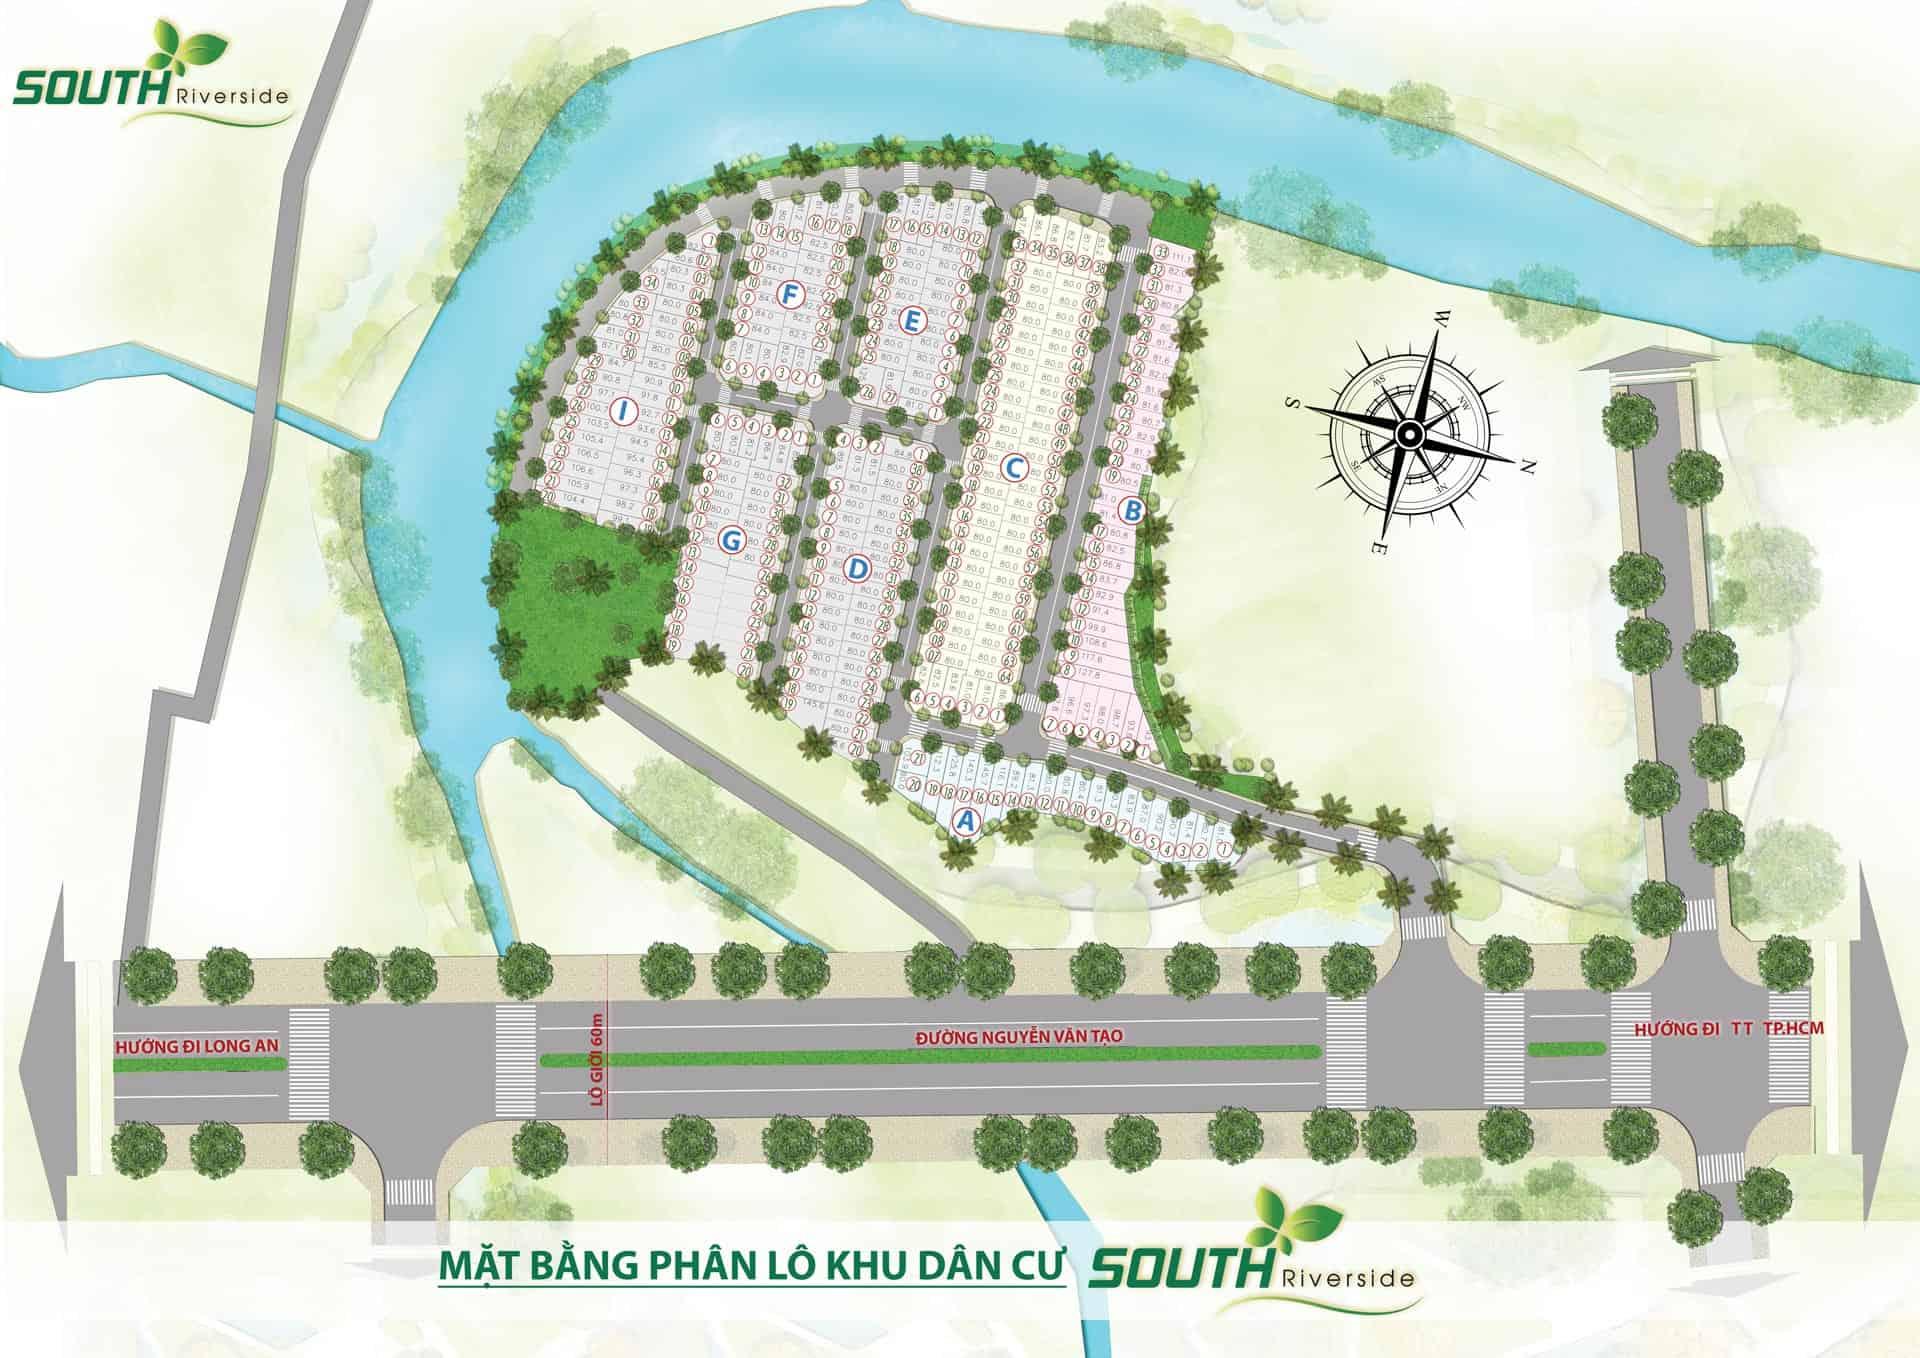 Mặt bằng phân lô khu dân cư South Riverside huyện Nhà Bè